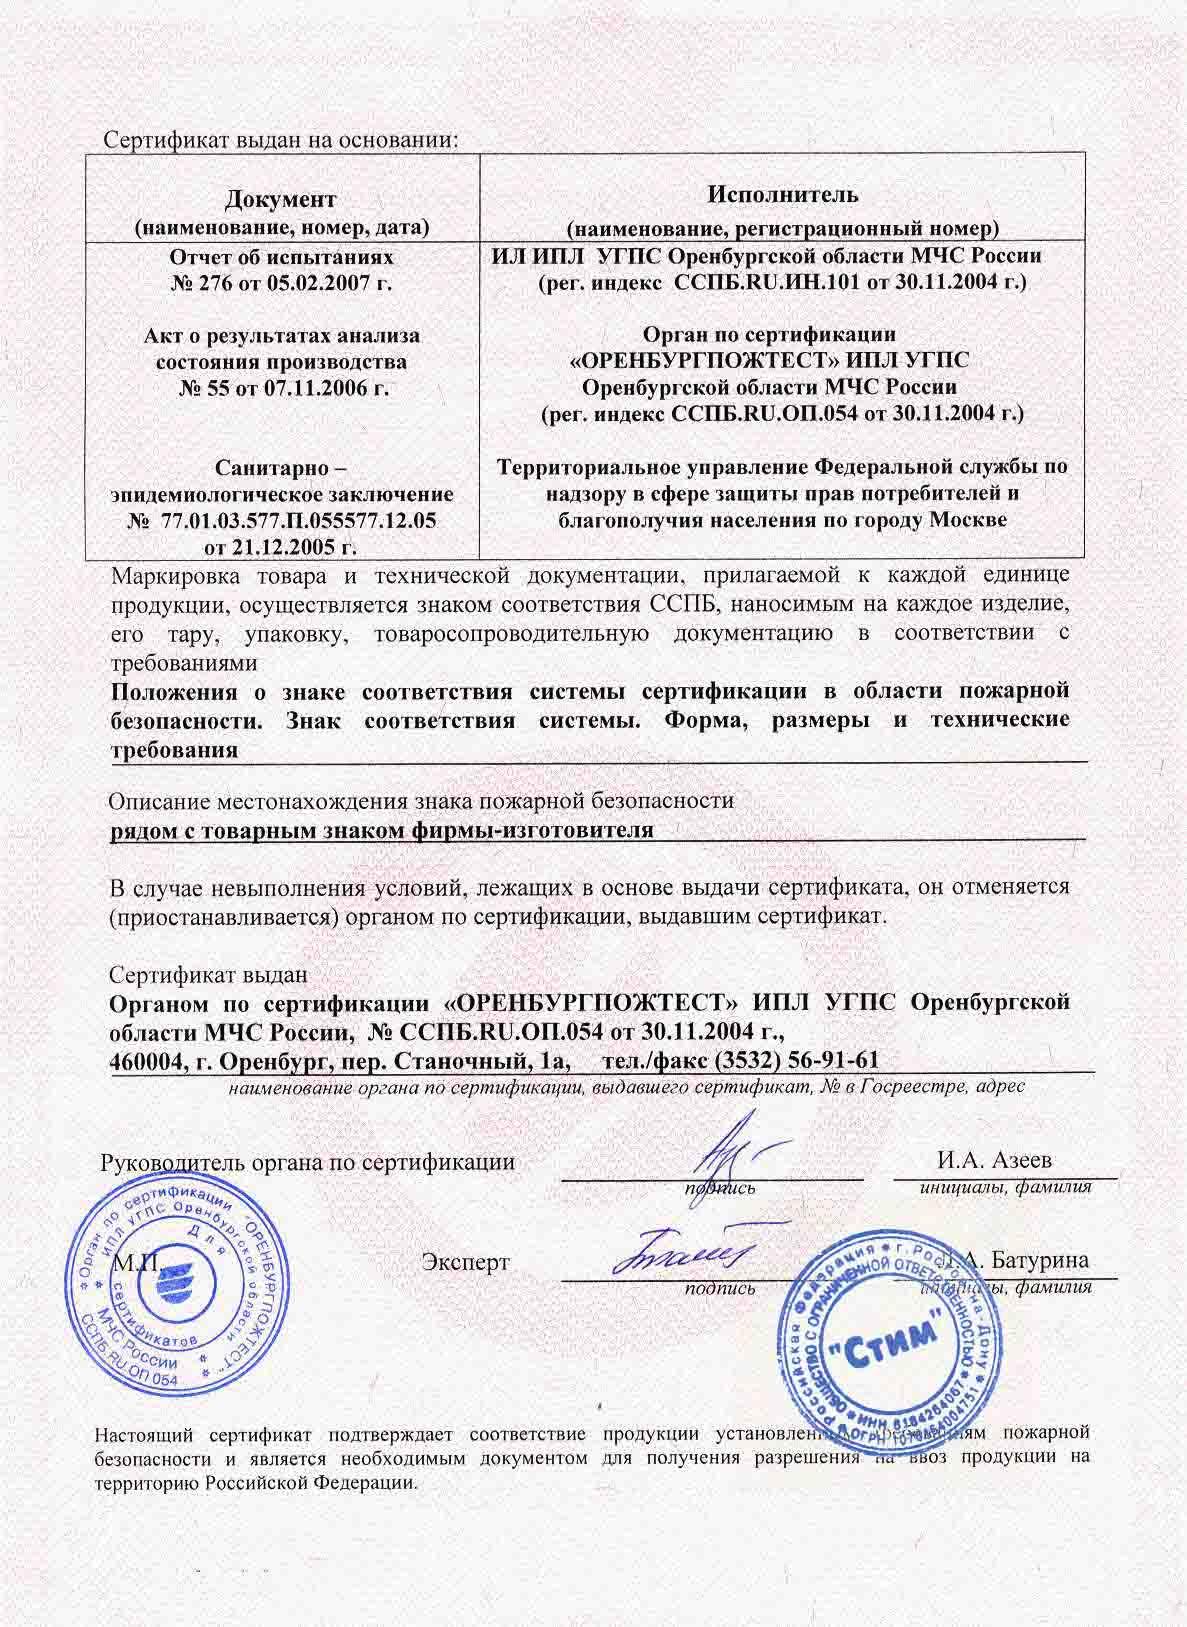 Сертификация напольного покрытия сертификация газового оборудования, установленного на автомобиль необходимость